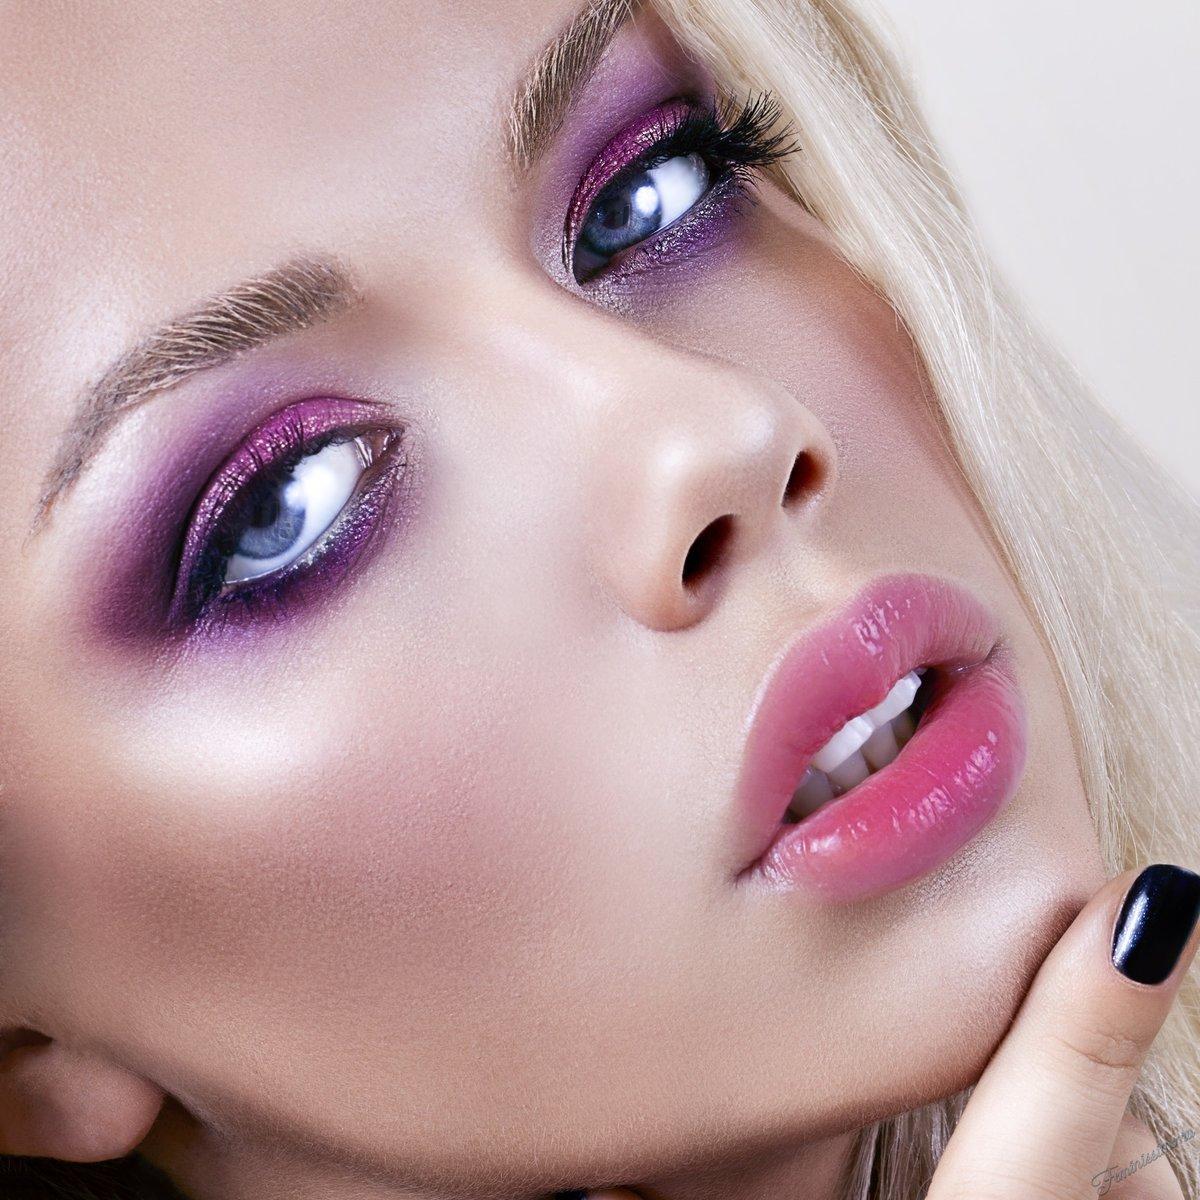 Макияж глаз для блондинок: для голубых, серых и зеленых глаз+фото